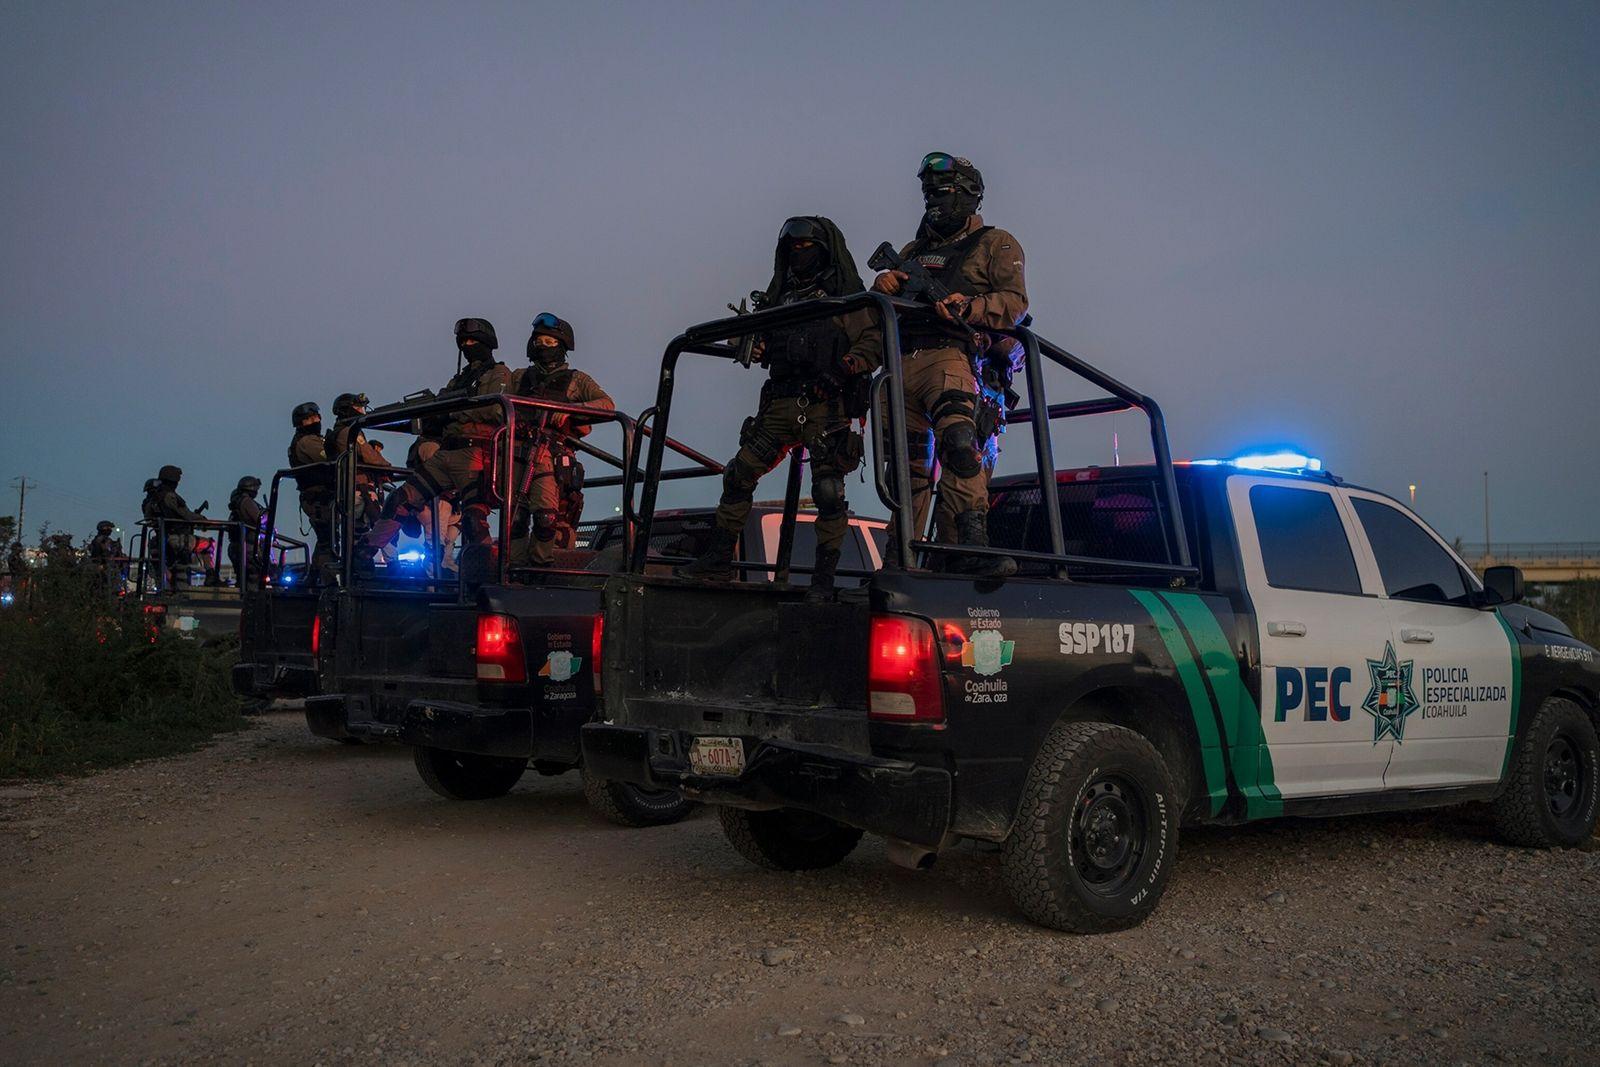 Carrinhas da polícia